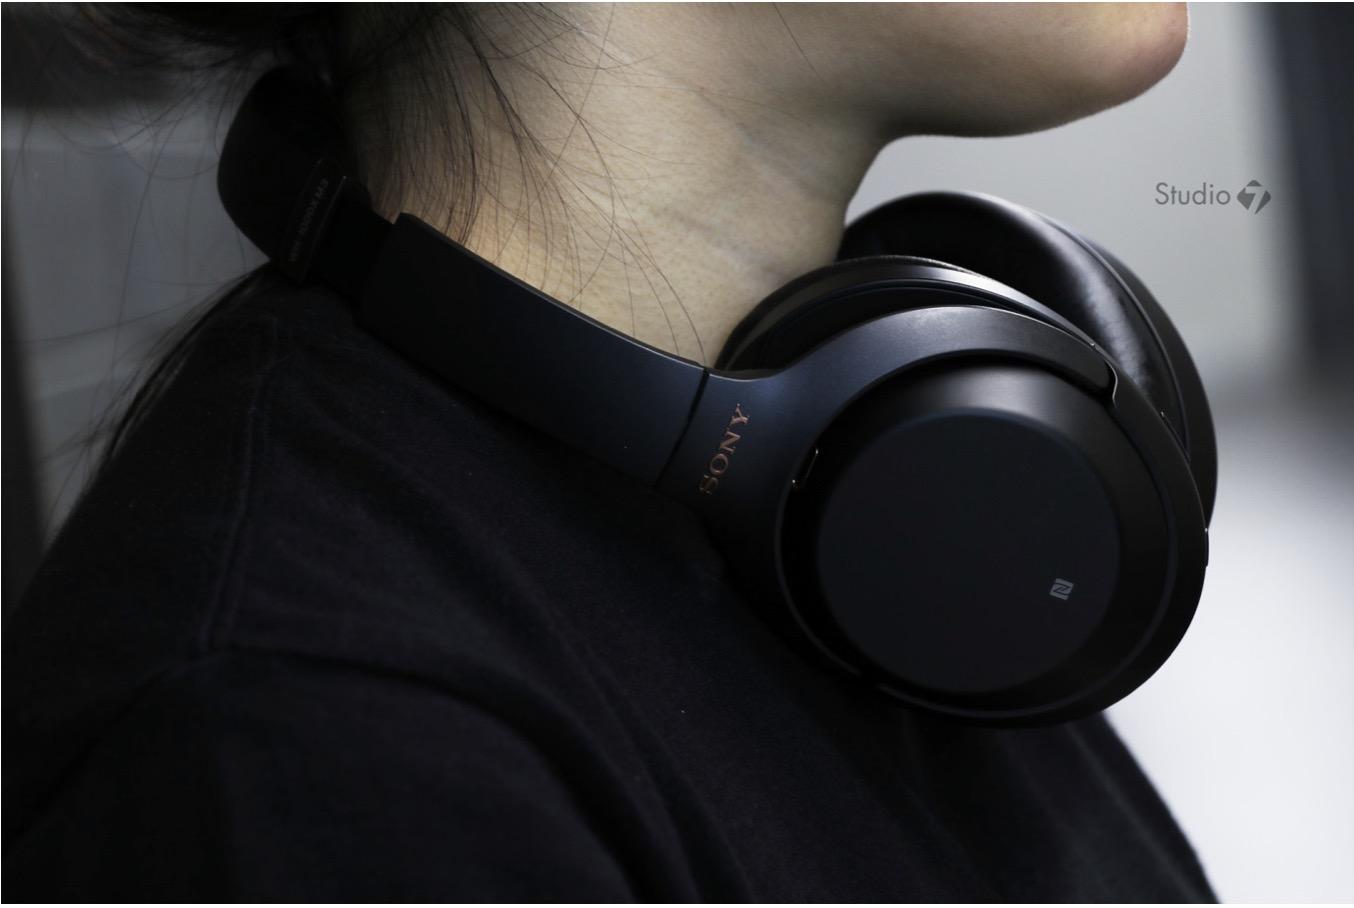 Sony Wh 1000xm3 01